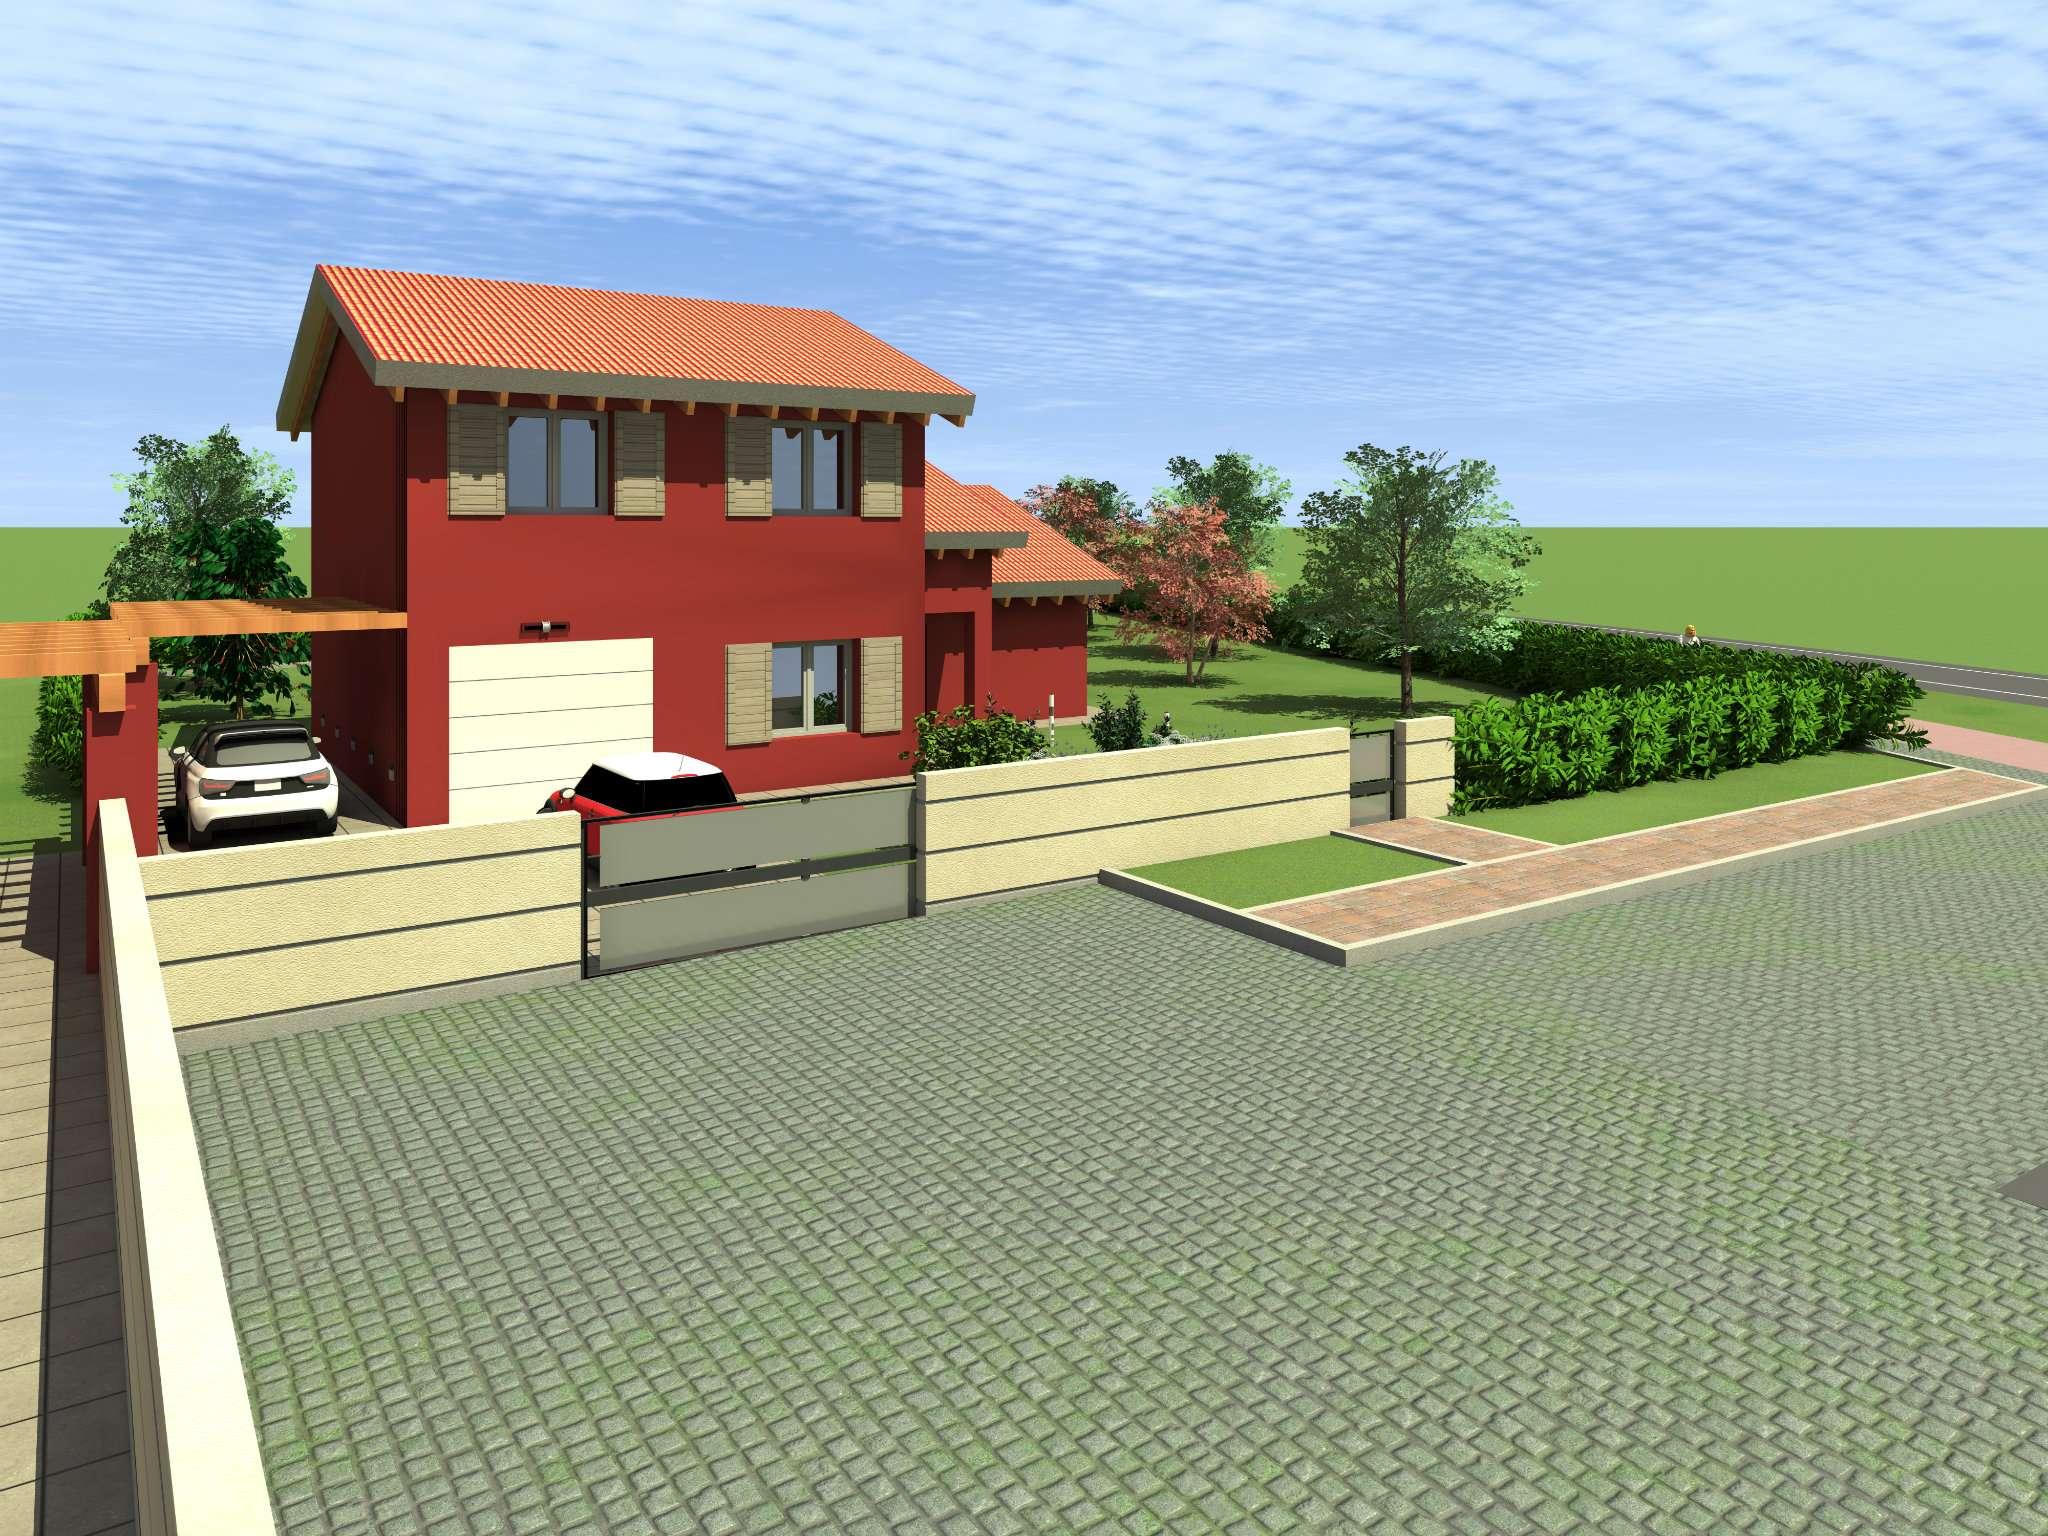 Villa in vendita a Noceto, 5 locali, prezzo € 100.000 | Cambio Casa.it